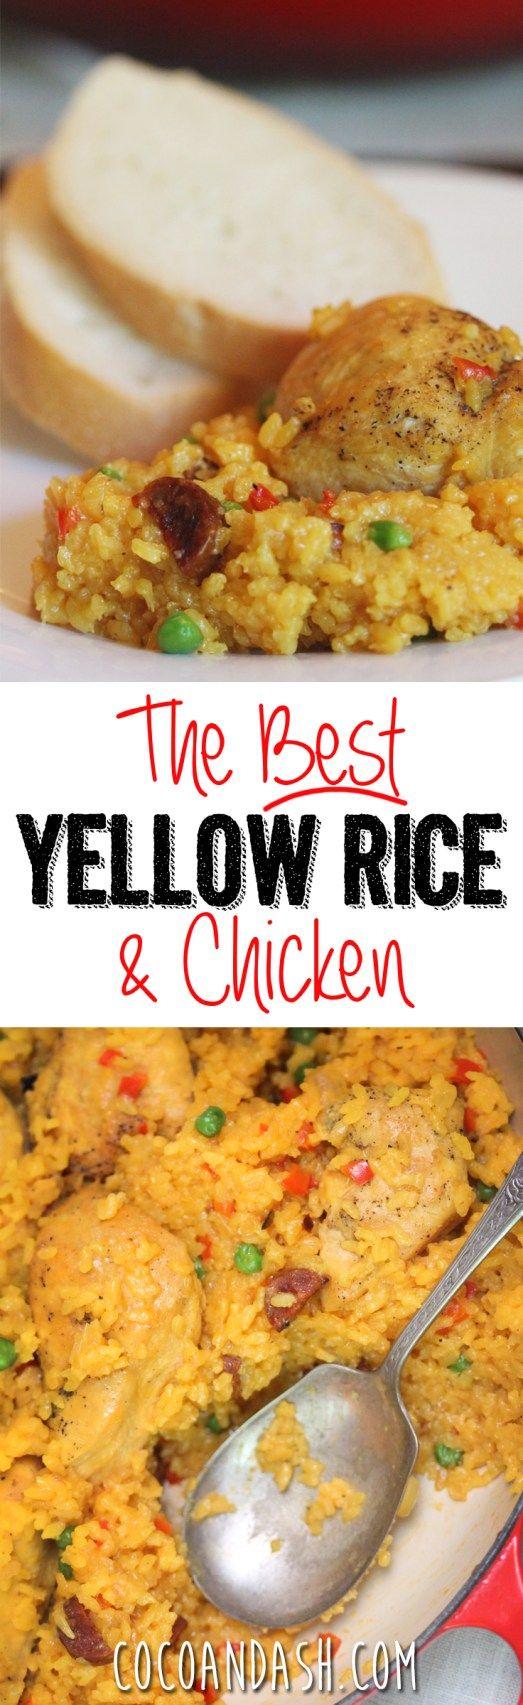 Chicken And Yellow Rice Arroz Con Pollo Recipe Cuban Recipes Recipes Chicken And Yellow Rice